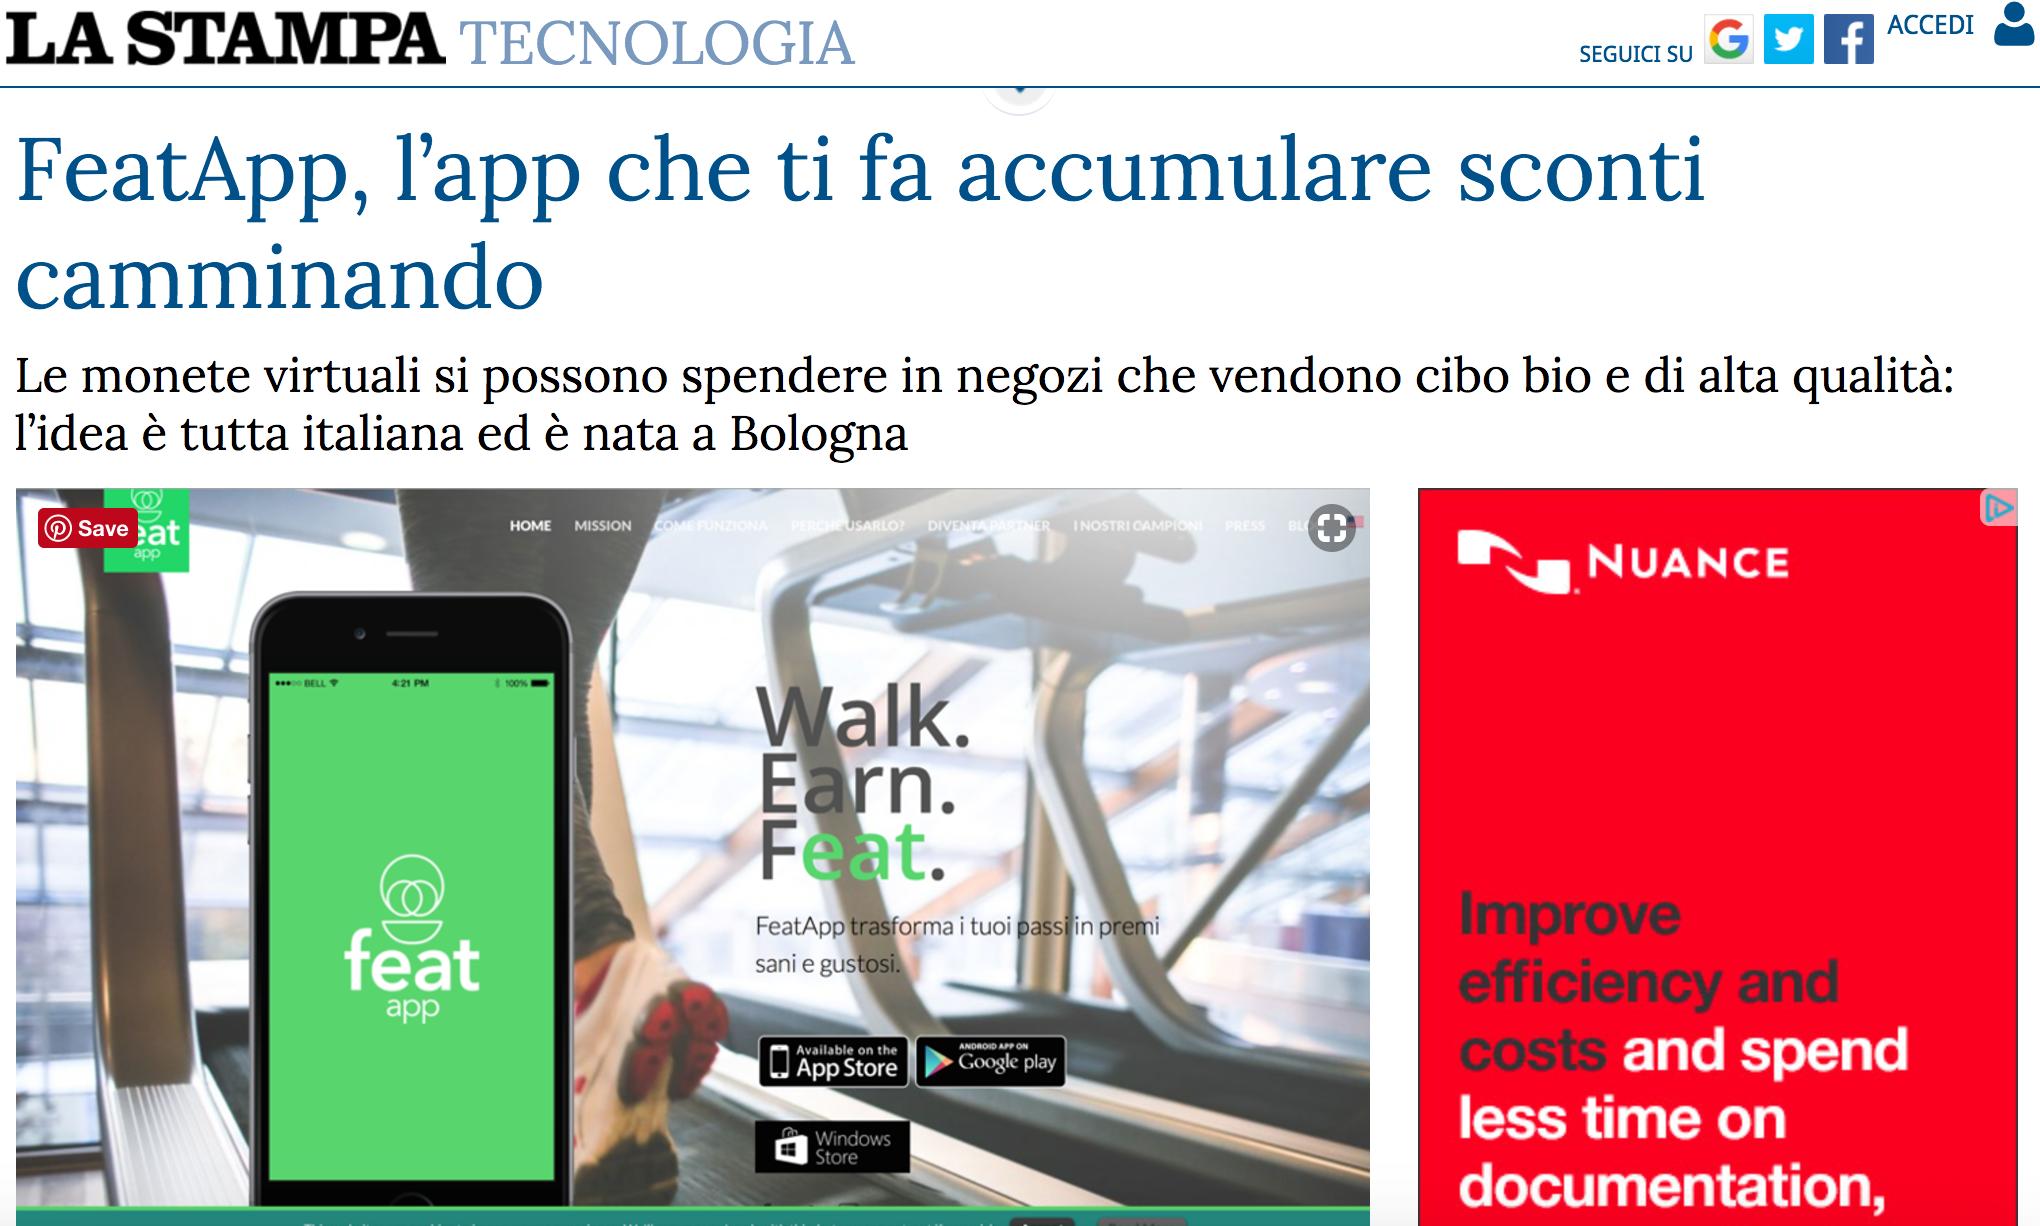 featapp, l'app che ti fa accumulare sconti camminando - La Stampa, June 2016